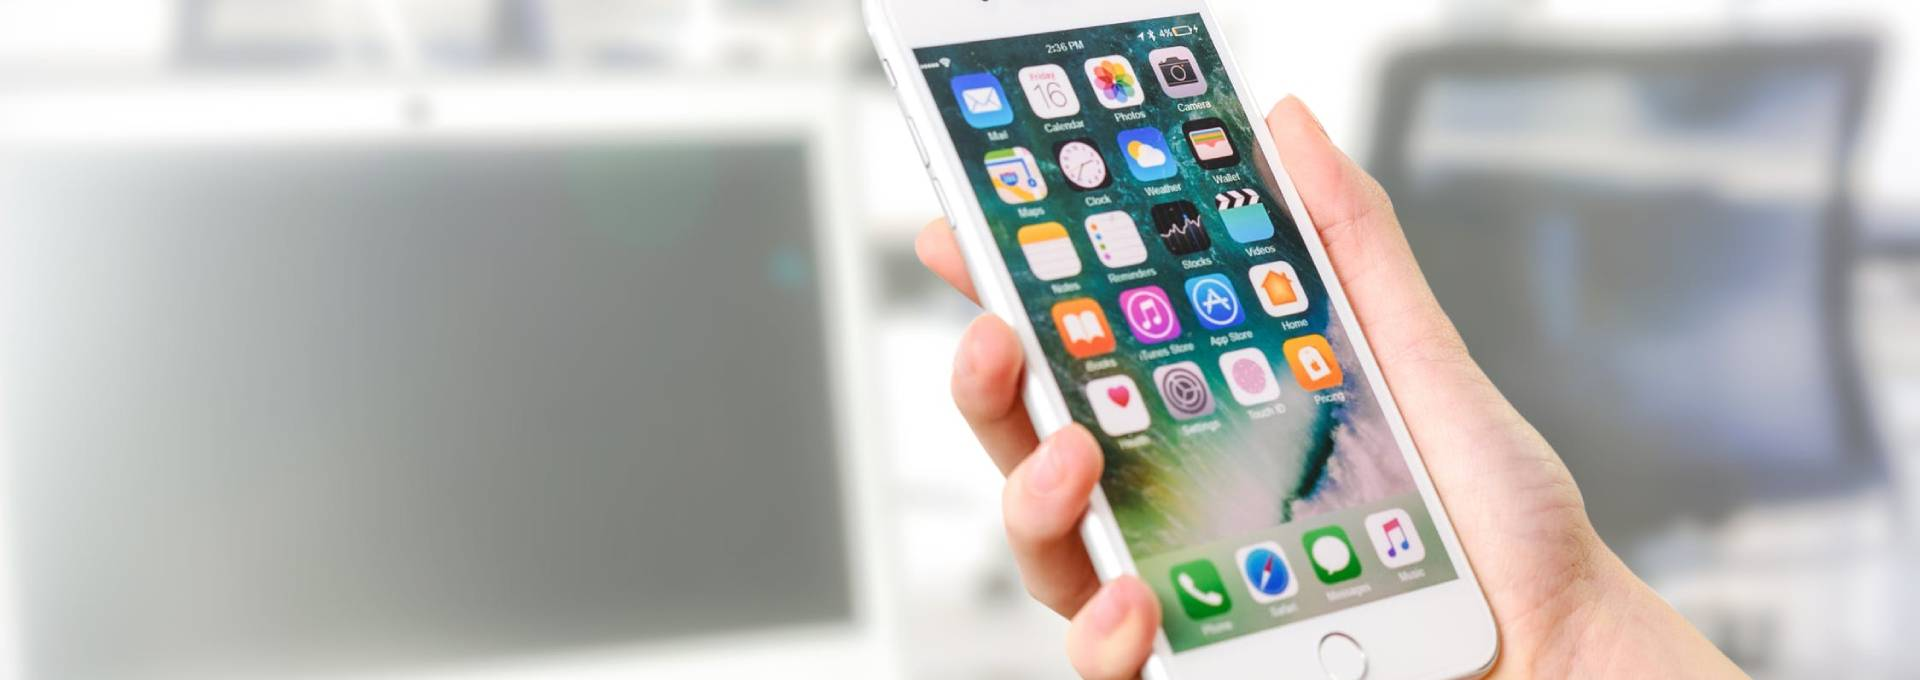 Um den Apple Reparatur Service zu bestellen, reicht ein Telefonanruf.